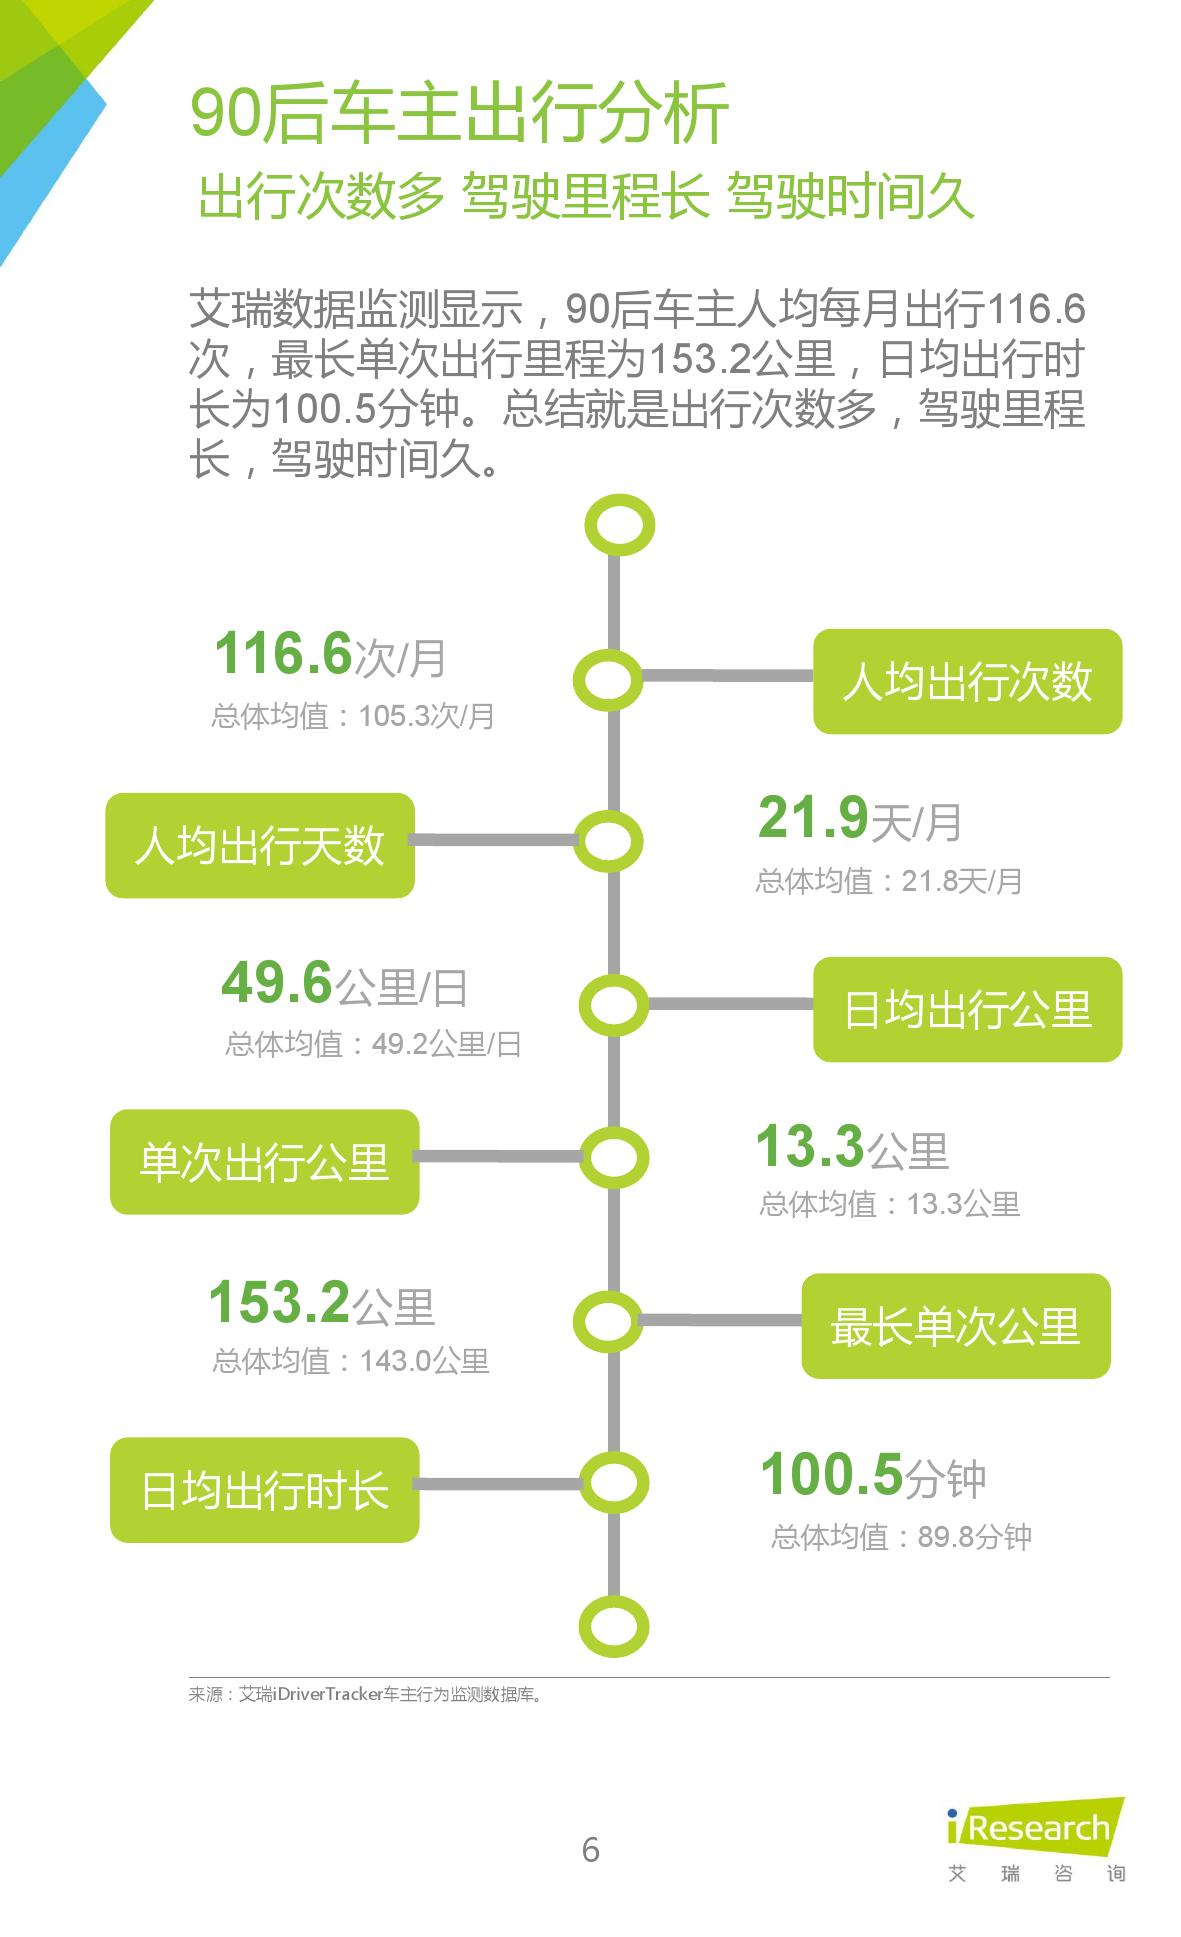 2016年中国90后汽车消费群体研究报告_000006